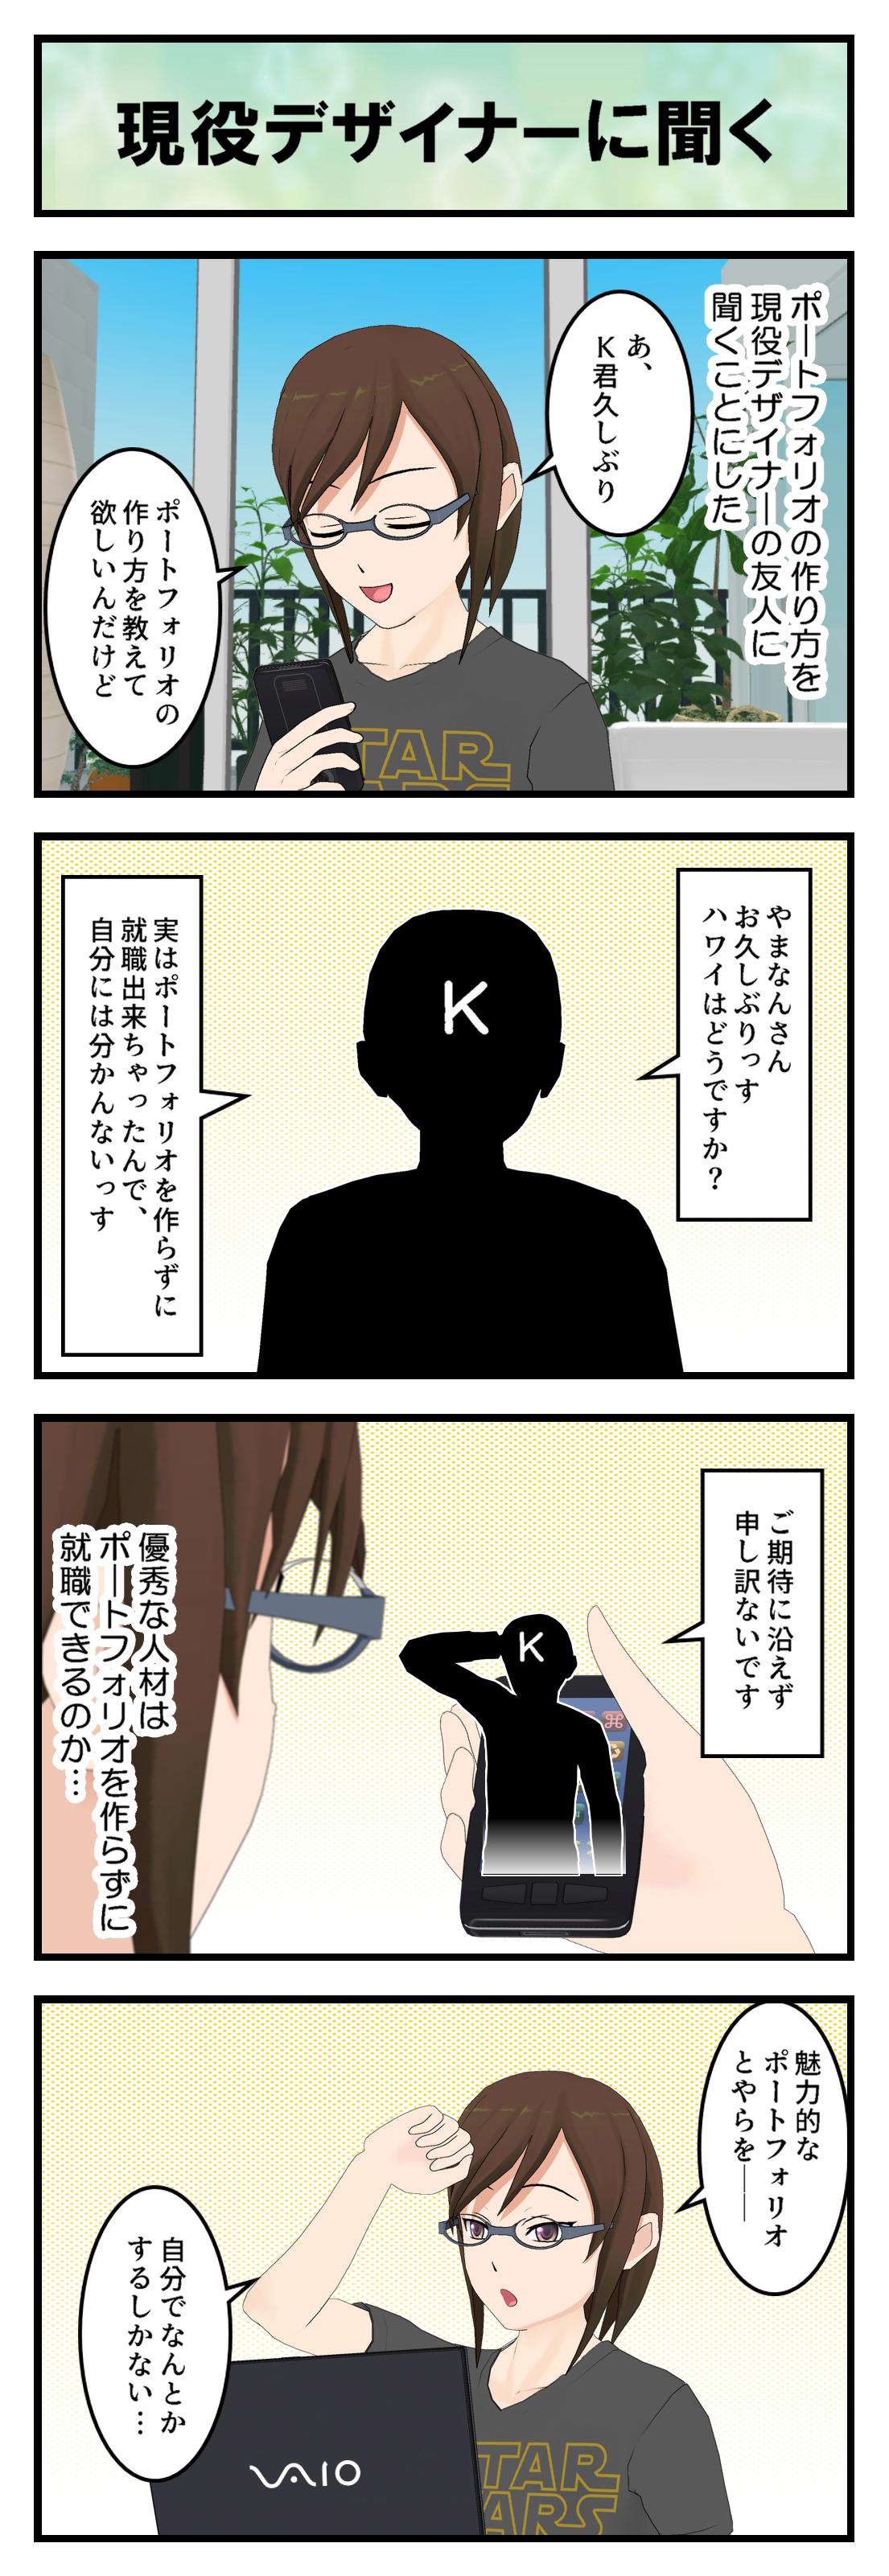 R536_グラフィック7_001